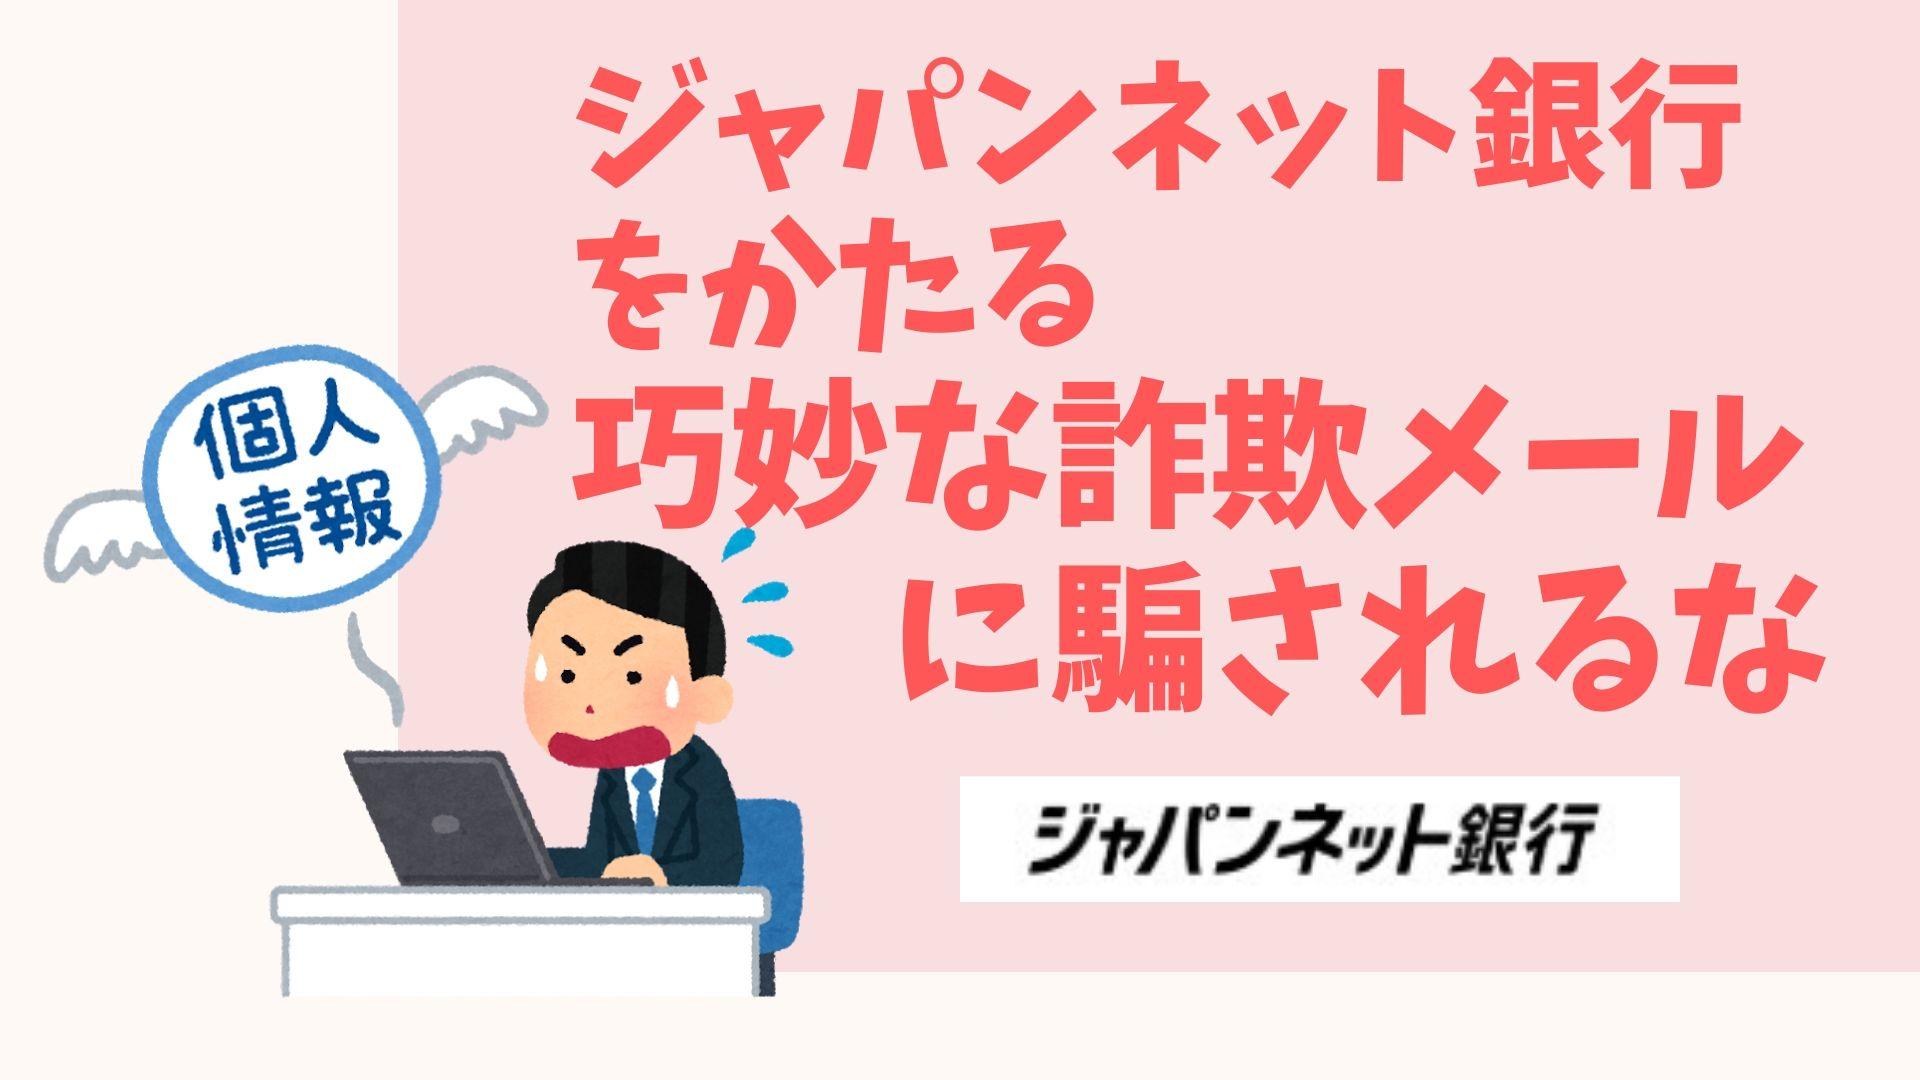 b60d55af5153c01166dce83df625ccf7 - 【お客さまの口座間送金管理】ジャパンネット銀行をかたる詐欺メールに注意!個人情報の入力は絶対ダメ!